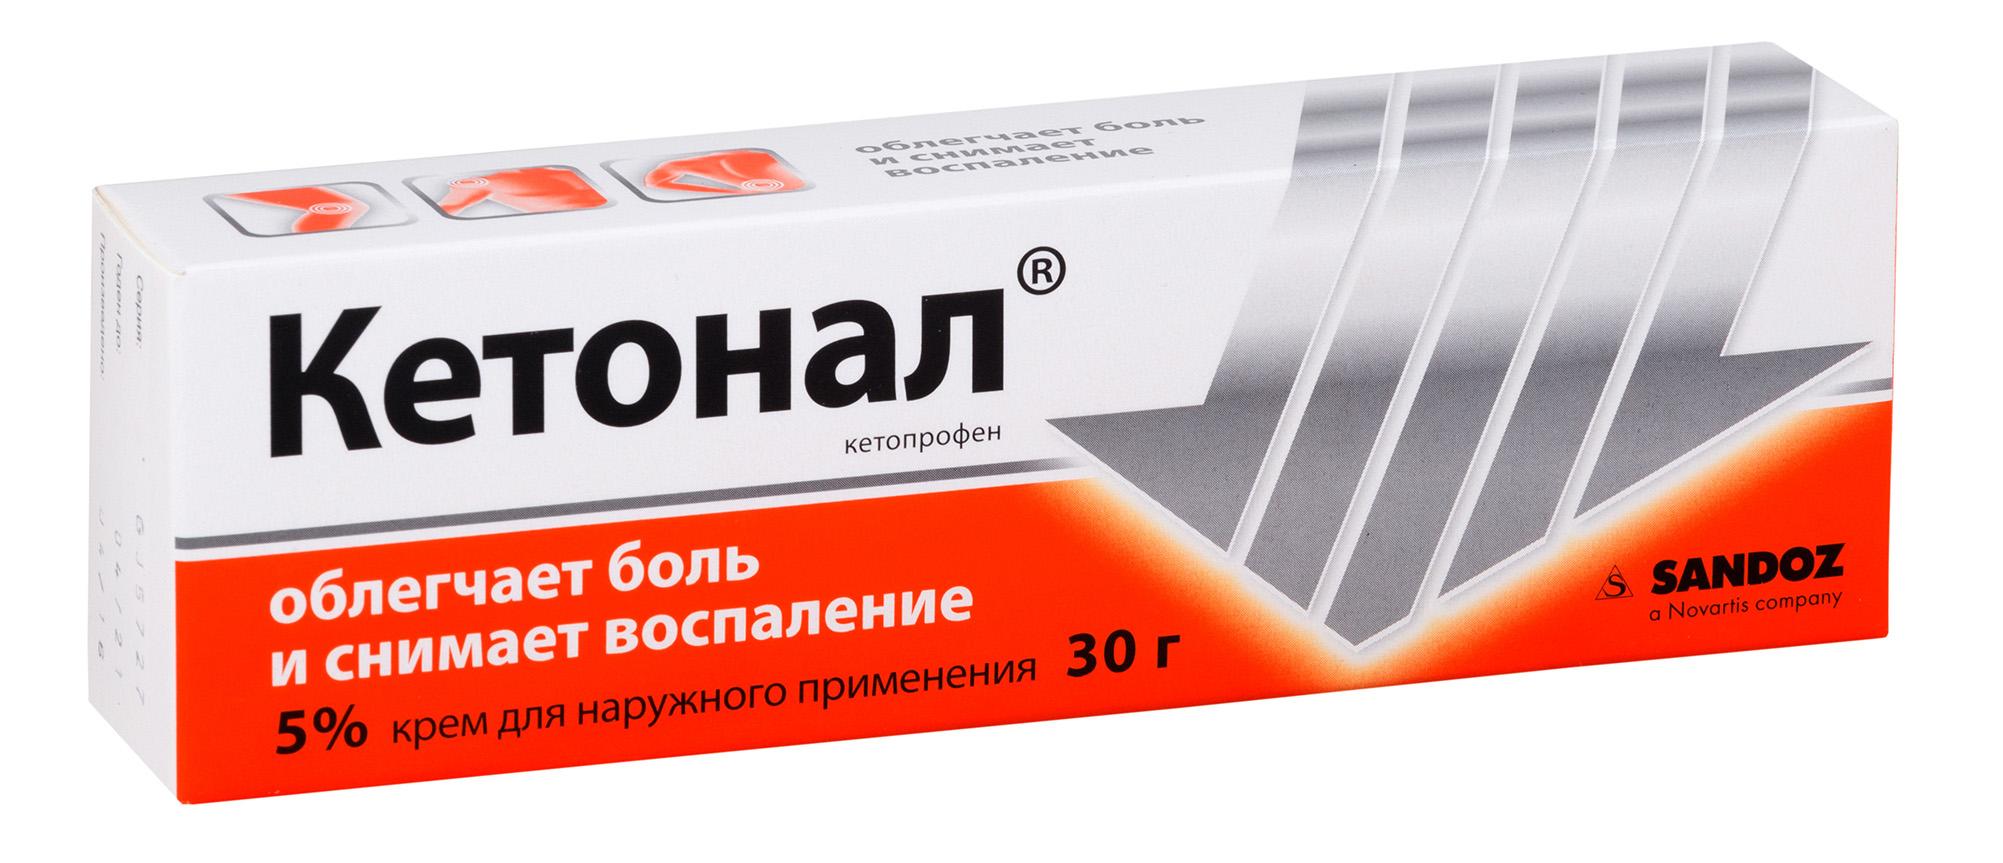 Кетонал крем 5% 30г n1